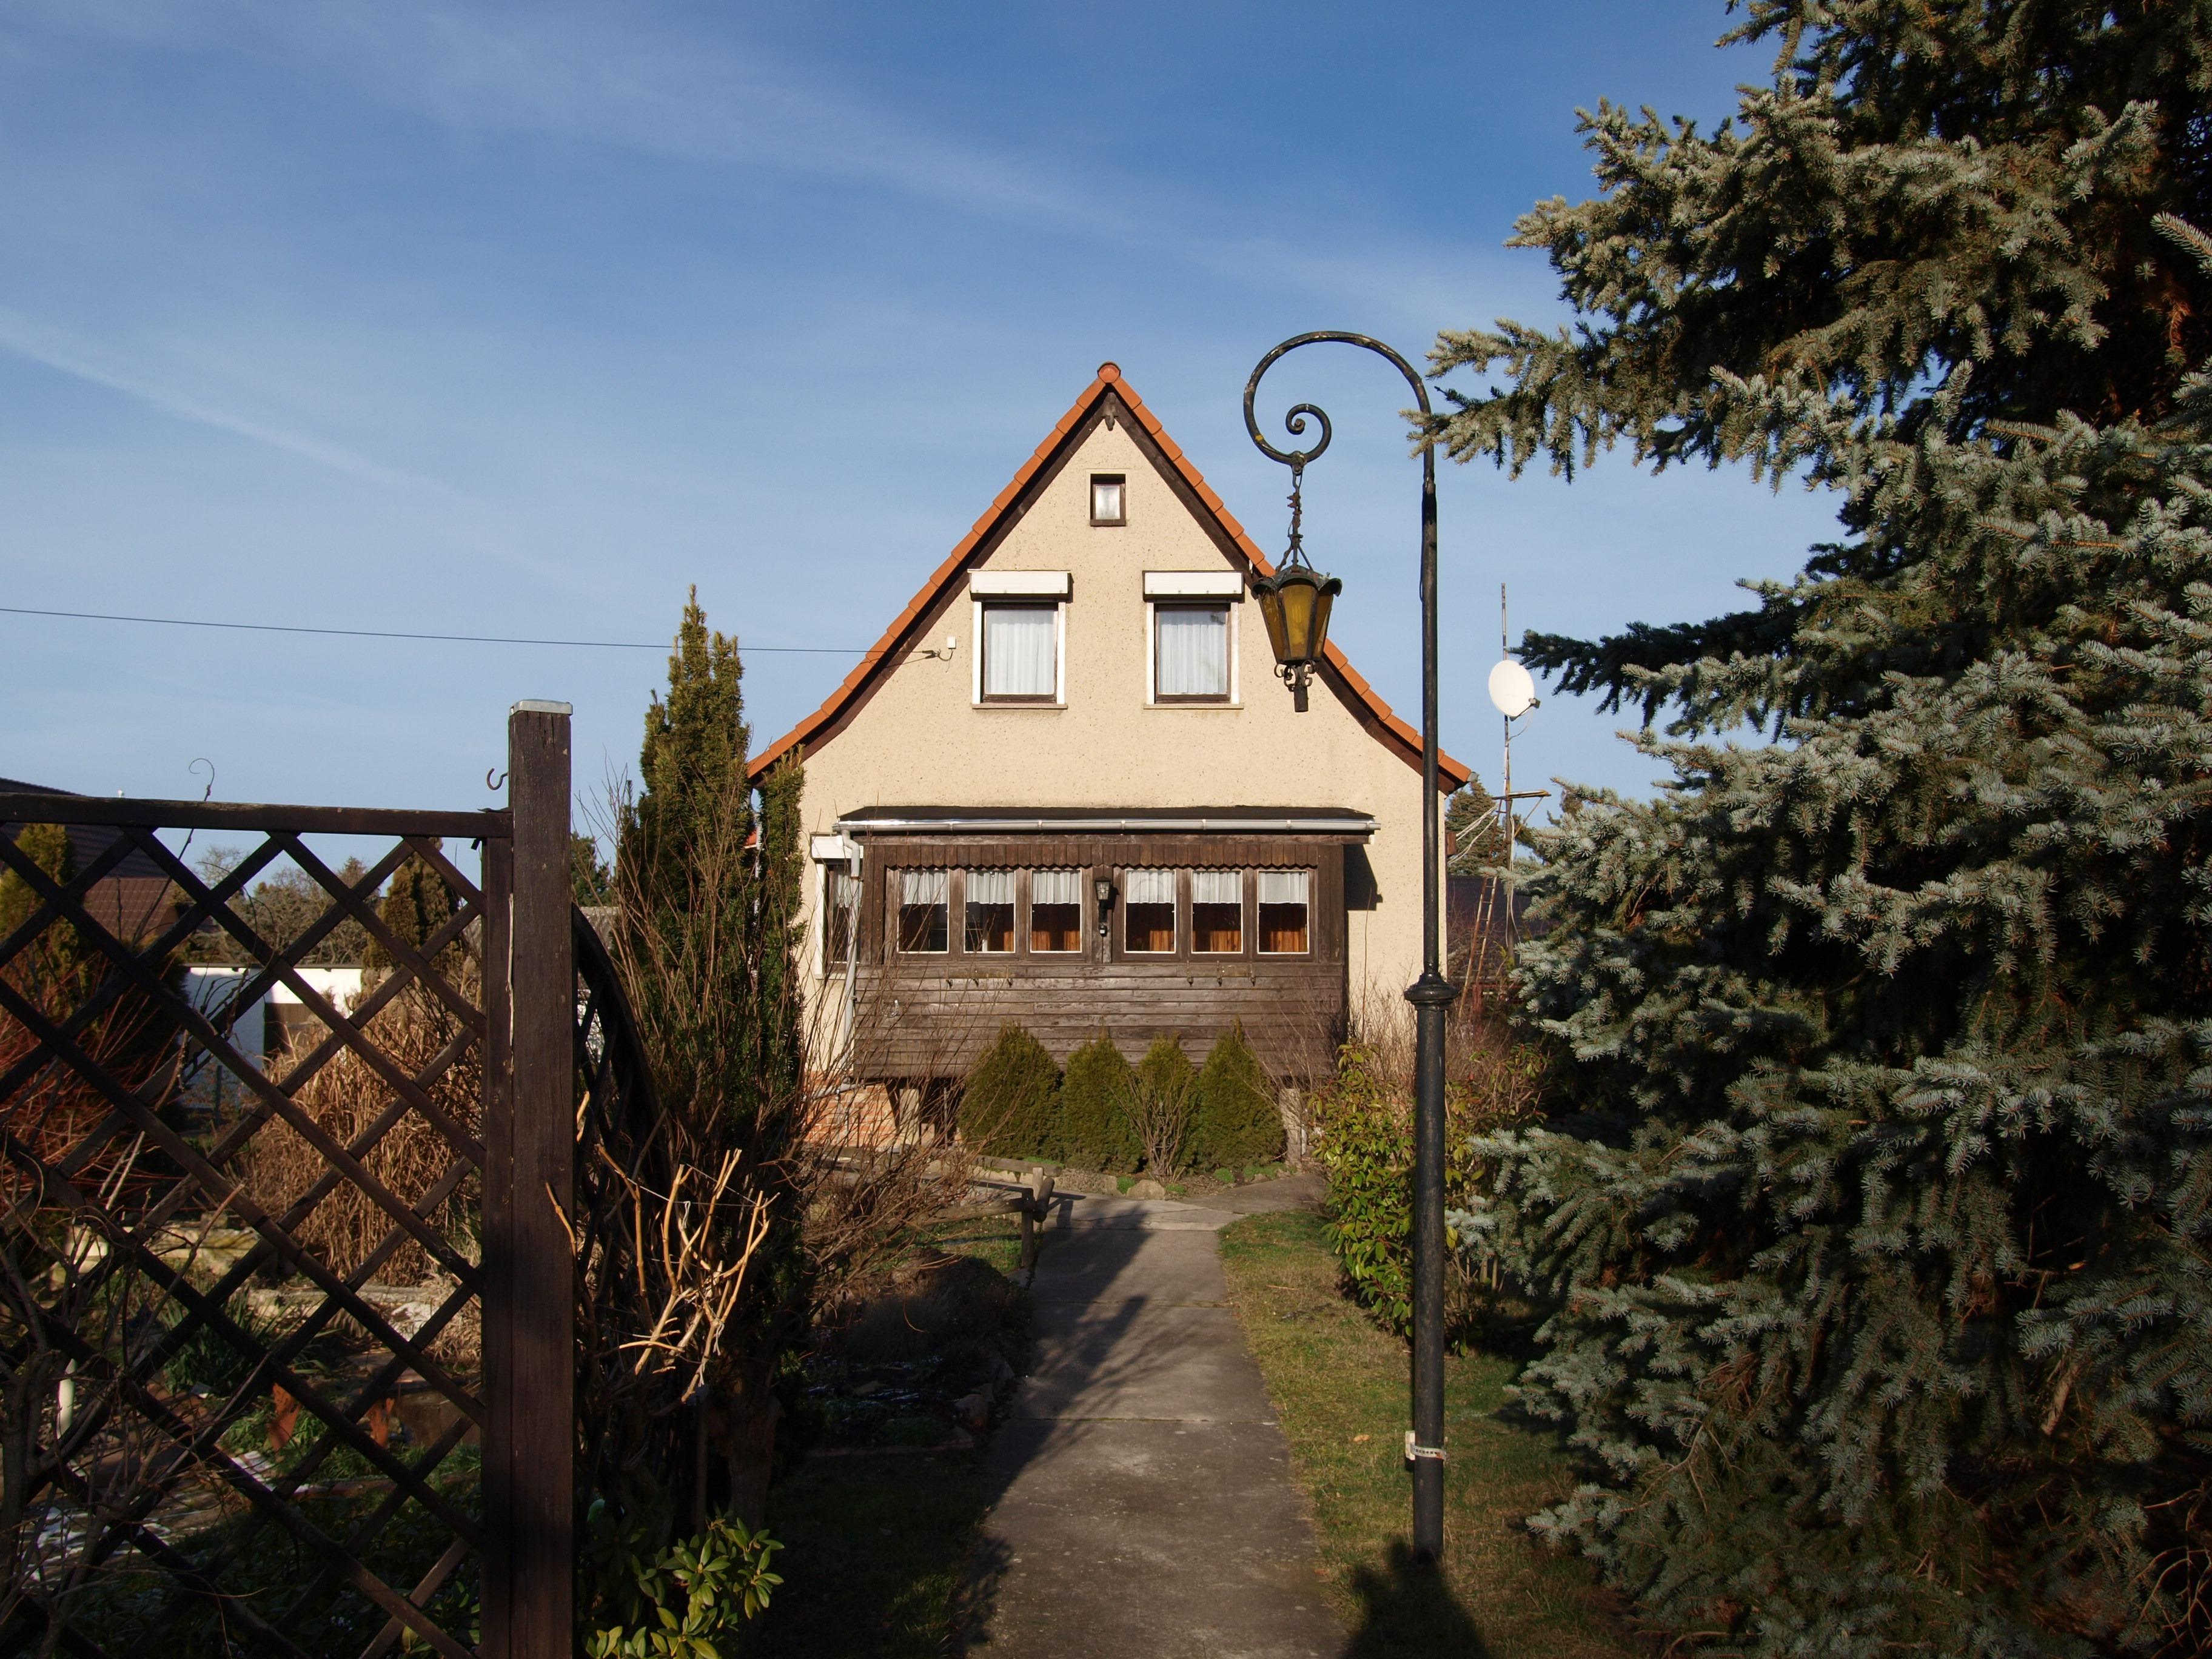 Einfamilienhaus Wörmlitz - liebevoll begrünter Zugang zum Haus/Frontansicht